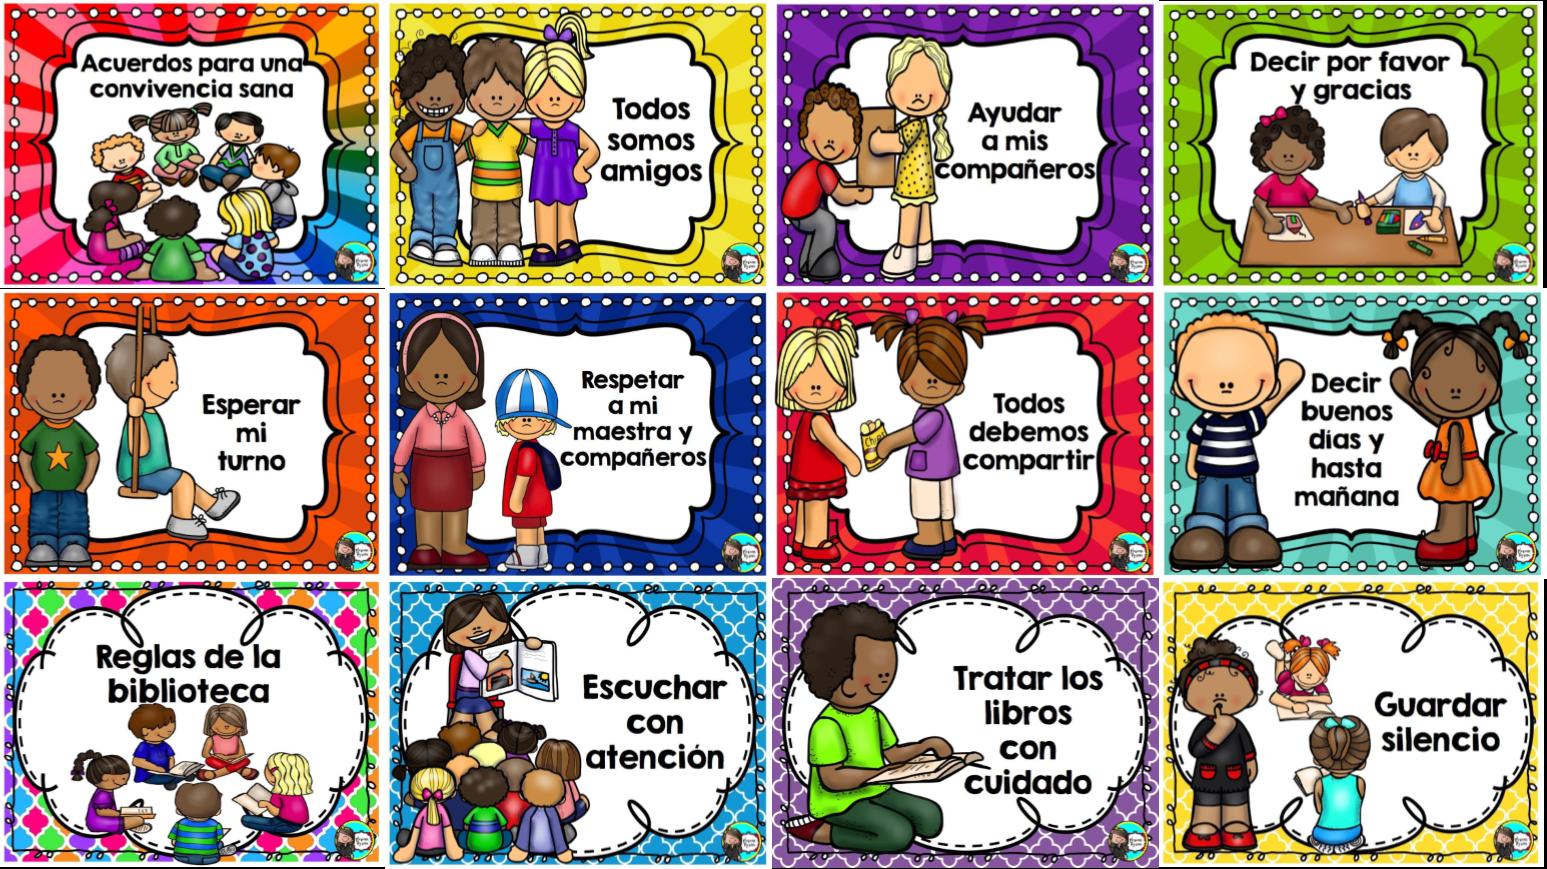 Normas de convivencia para el aula y reglamento de la for Como mantener silencio en un comedor escolar